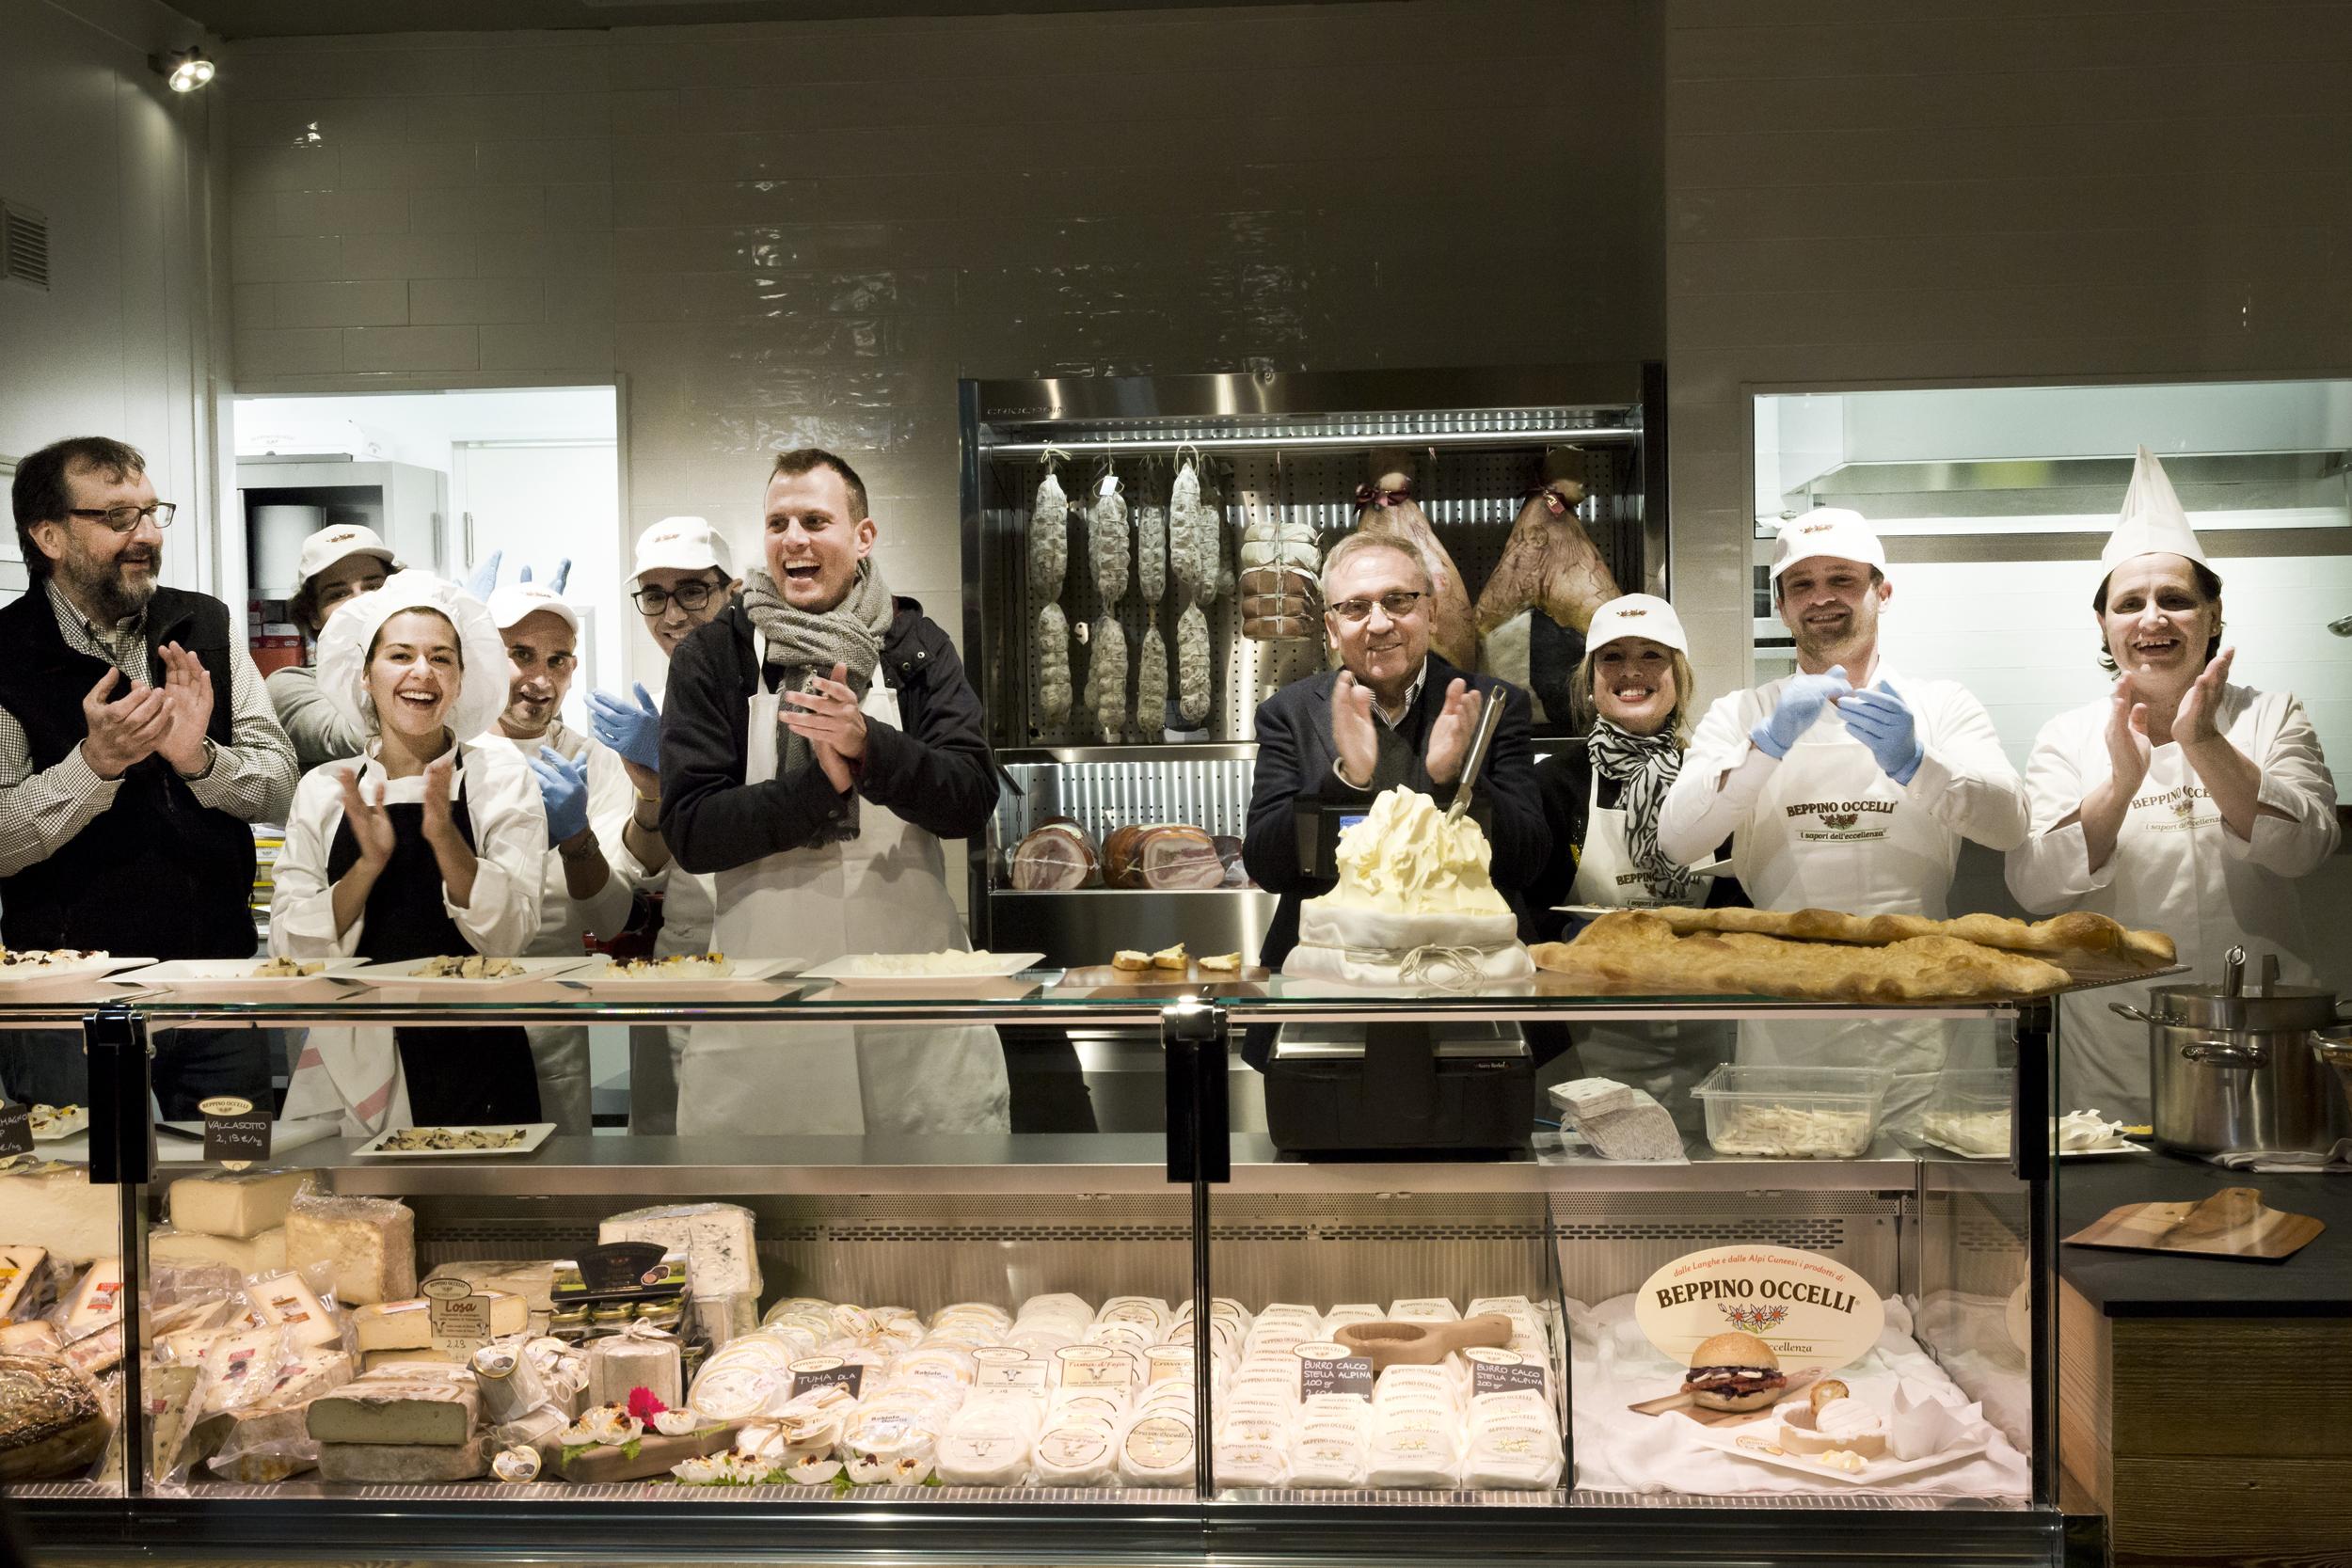 Mercato Centrale Torino | Beppino Occelli - La bottega del burro e dei formaggi - Beppino Occelli